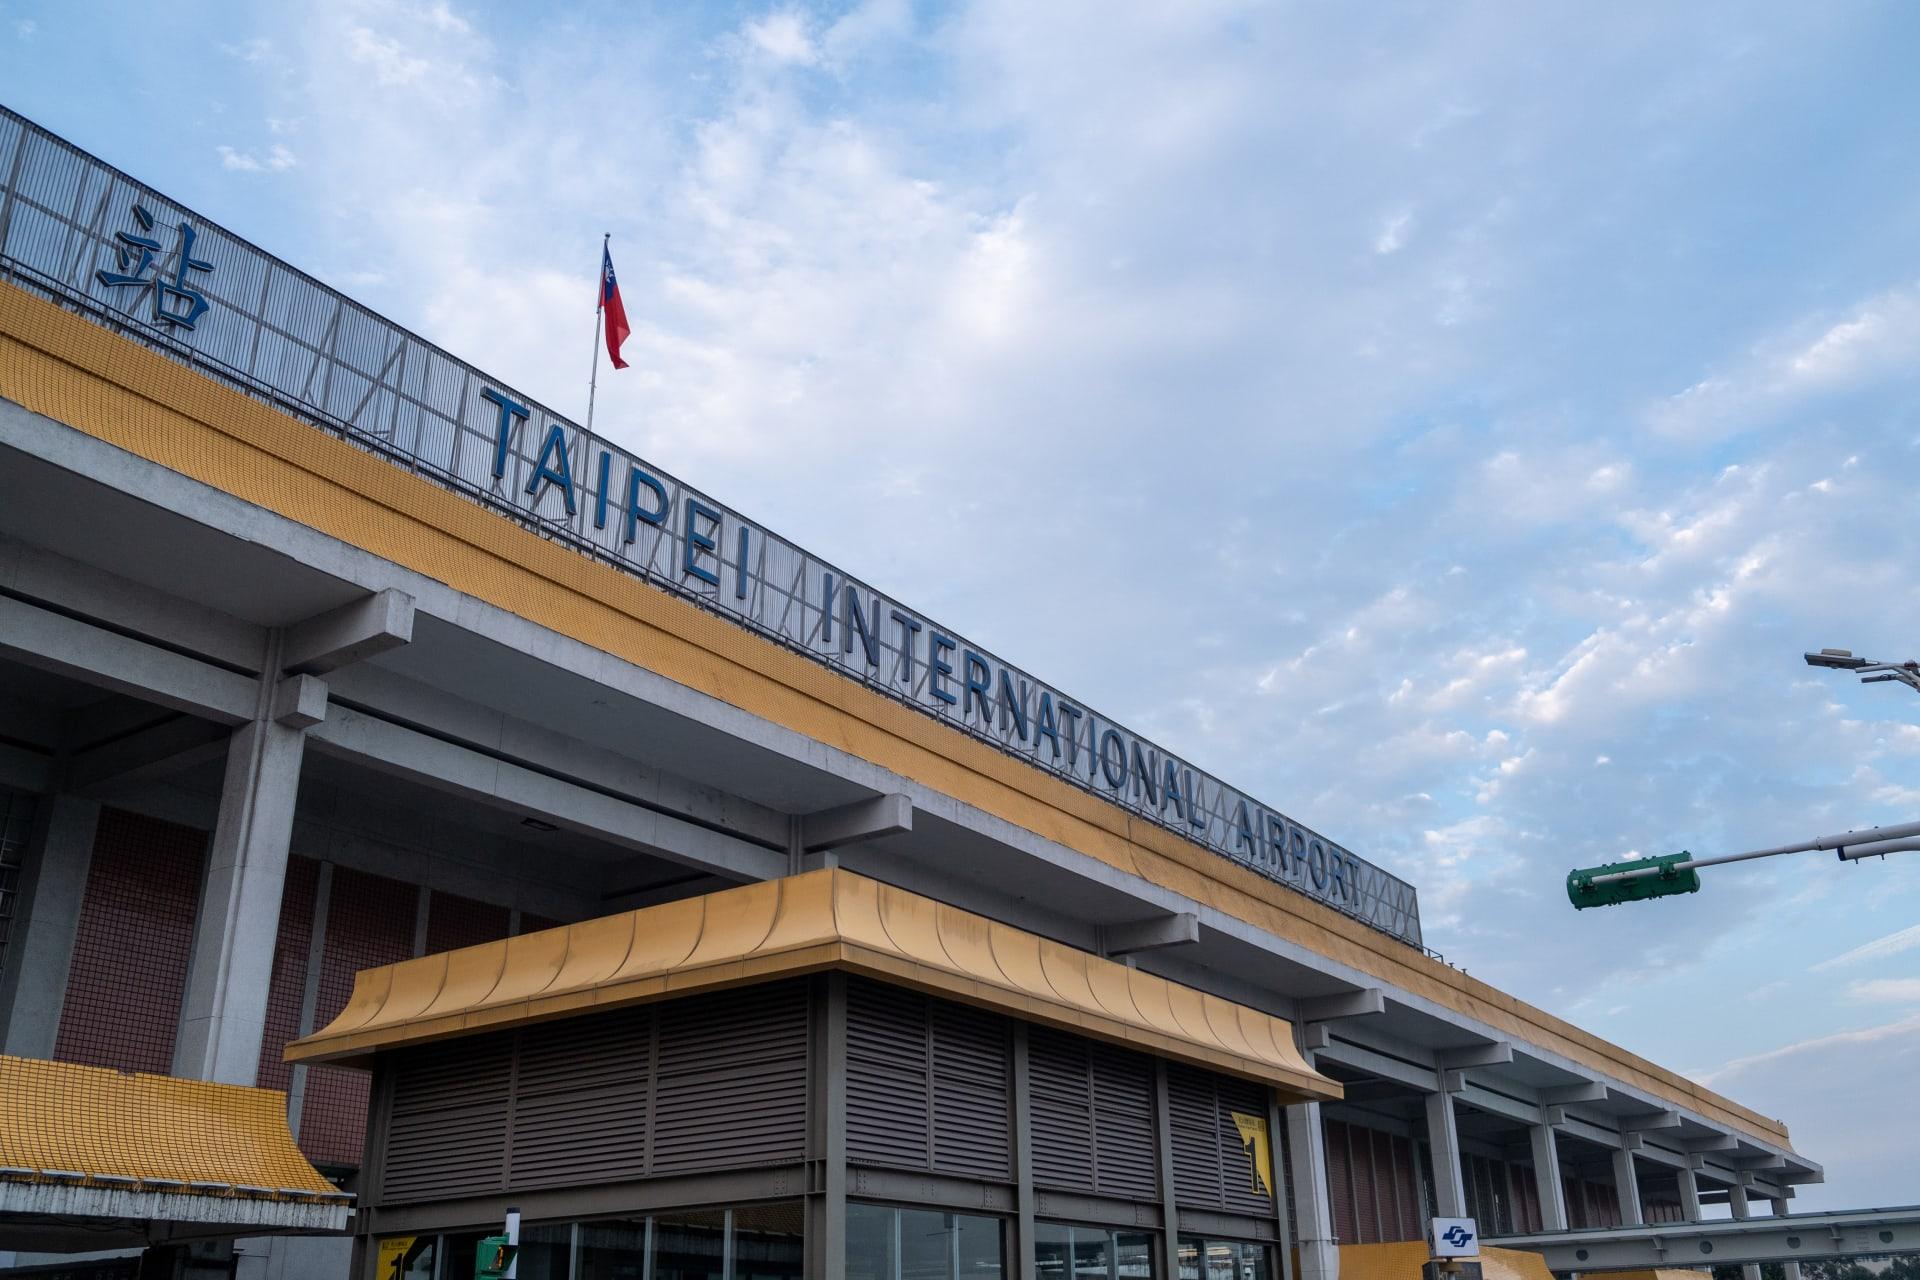 في ظل قيود السفر المفروضة بسبب جائحة كورونا.. مطار بتايوان يسمح للأشخاص بالتظاهر بأنهم يسافرون إلى الخارج